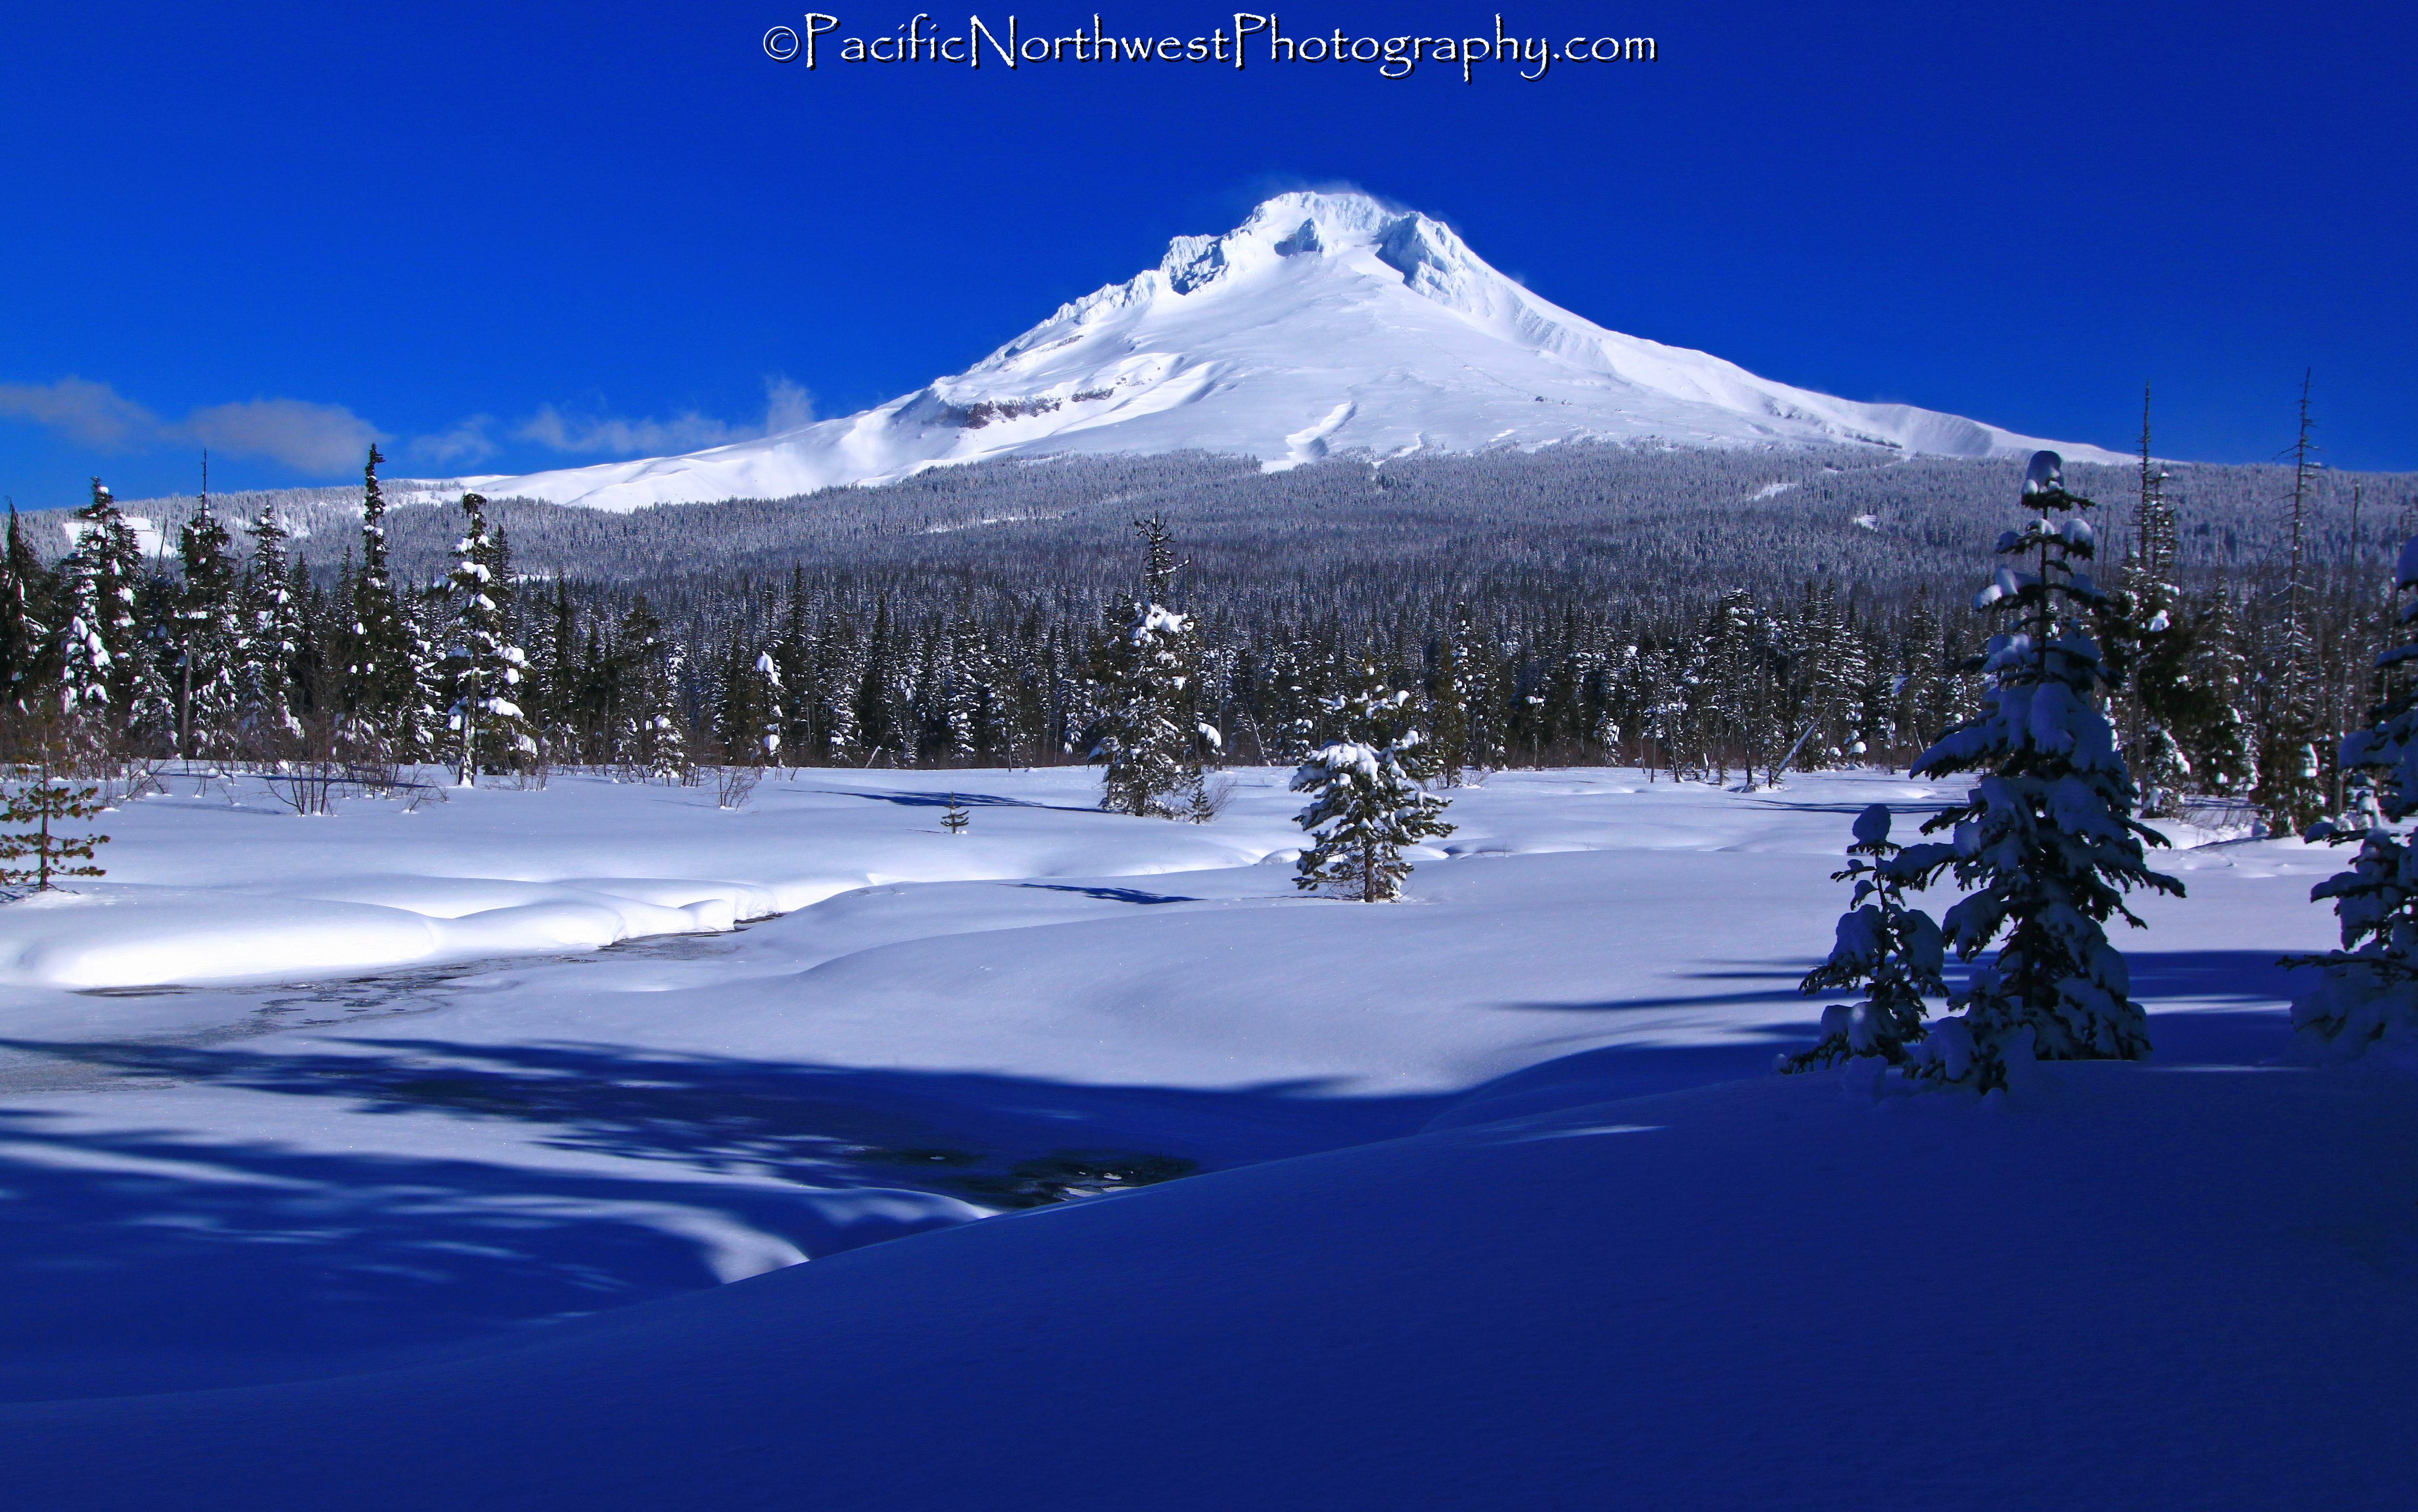 Mt. Hood after a recent snow storm